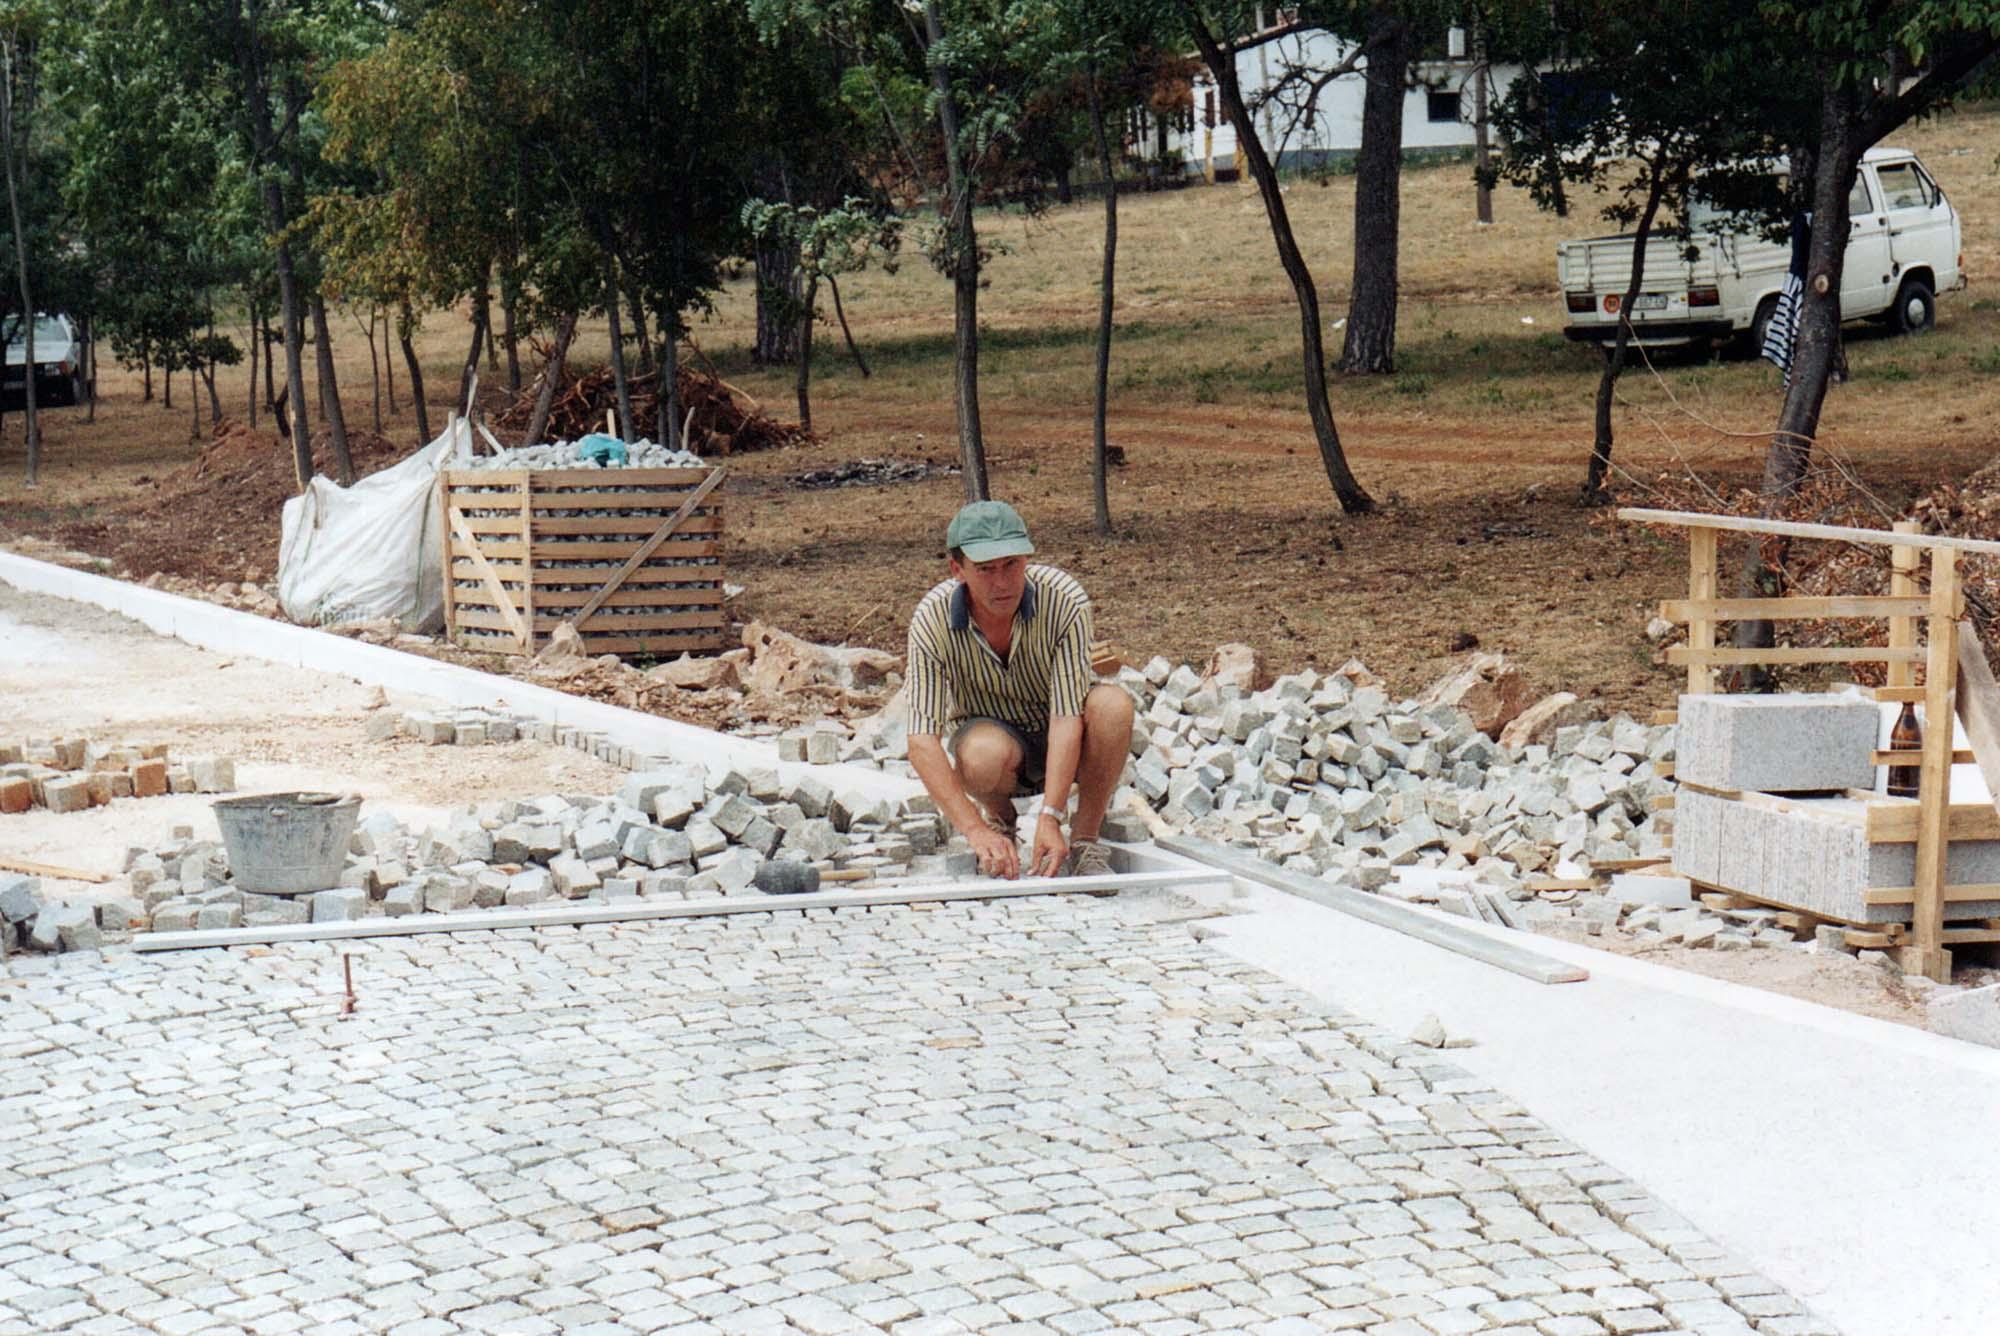 Peruško Bogdanić, Putovanje barbara, 2001.